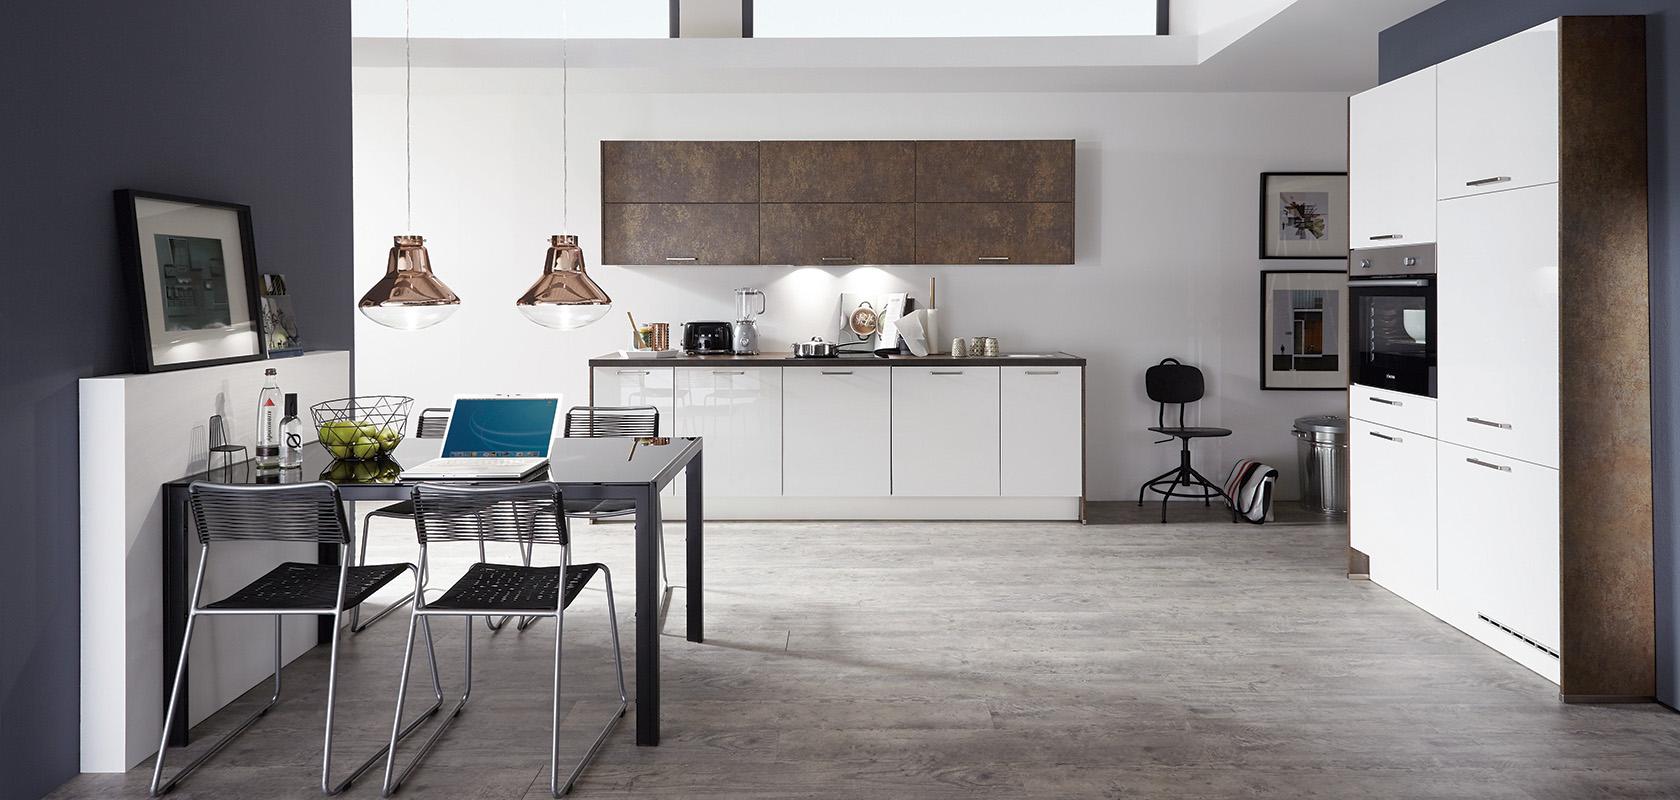 unterschiedliche Materialien und die jeweiligen Pflegetipps für Küchenfronten bei Küchenstudio Janthur